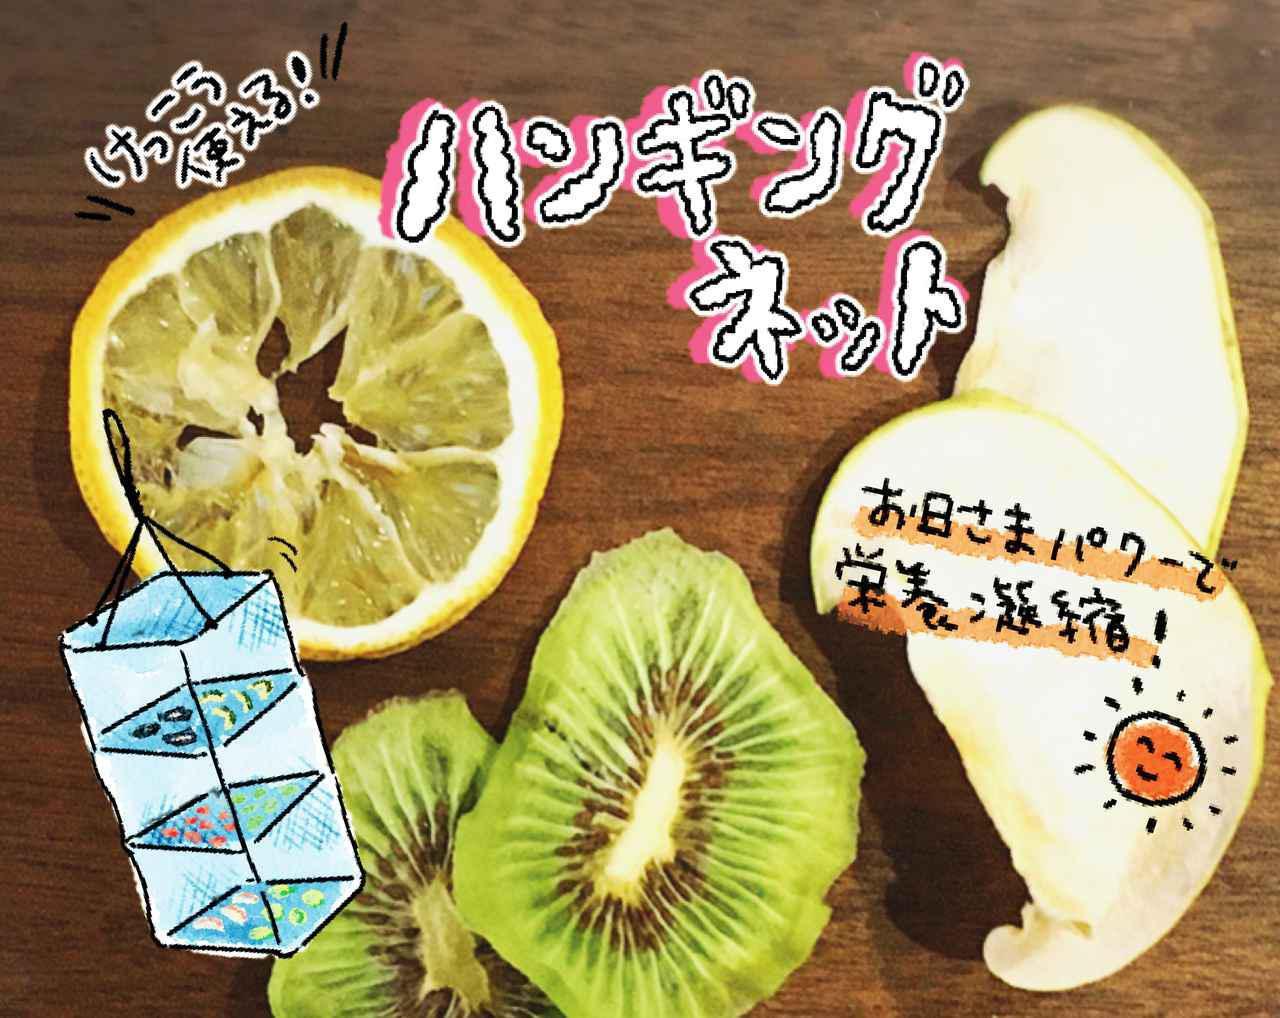 画像: 【ドライフルーツの作り方】ハンギングドライネットで簡単! 干物&干し野菜も - ハピキャン(HAPPY CAMPER)